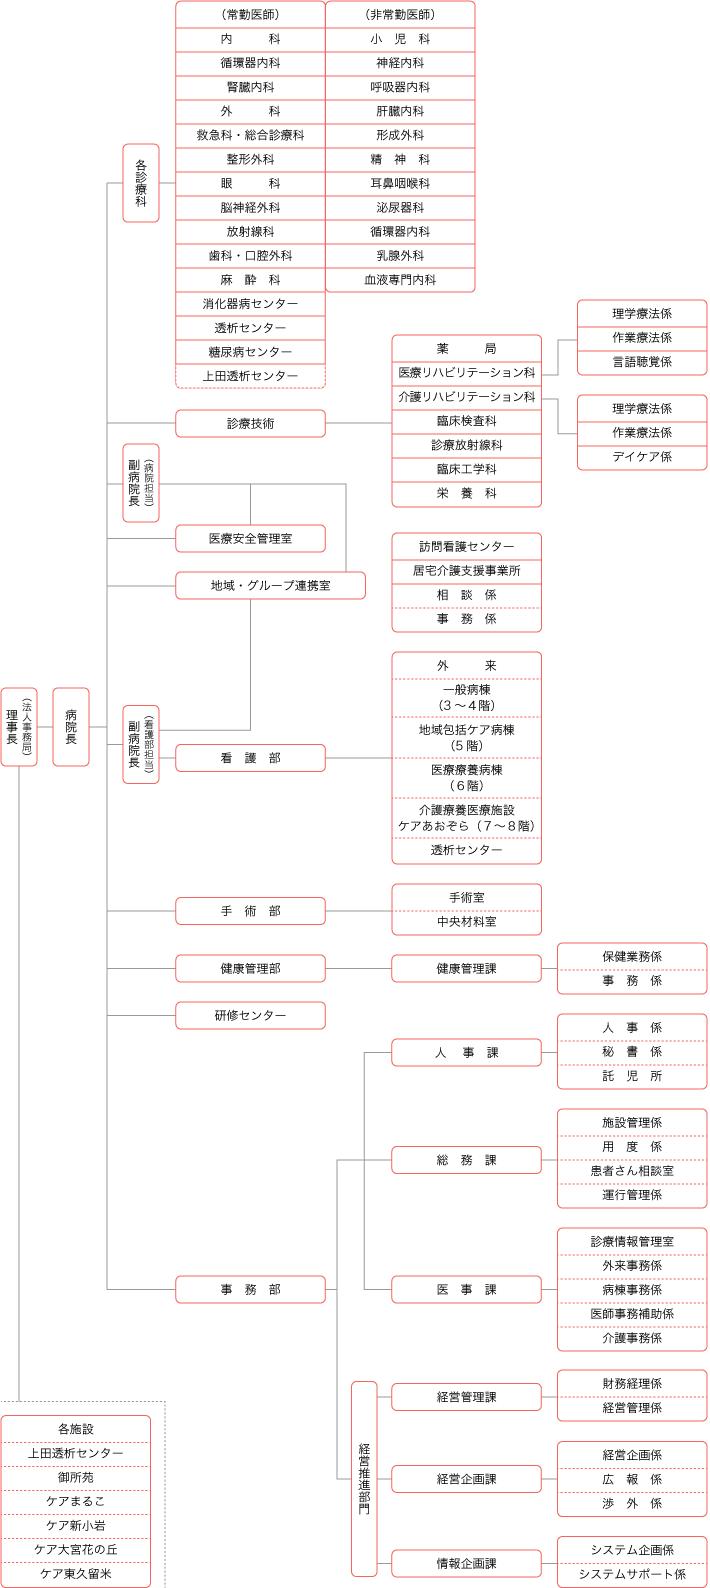 丸子中央病院組織図